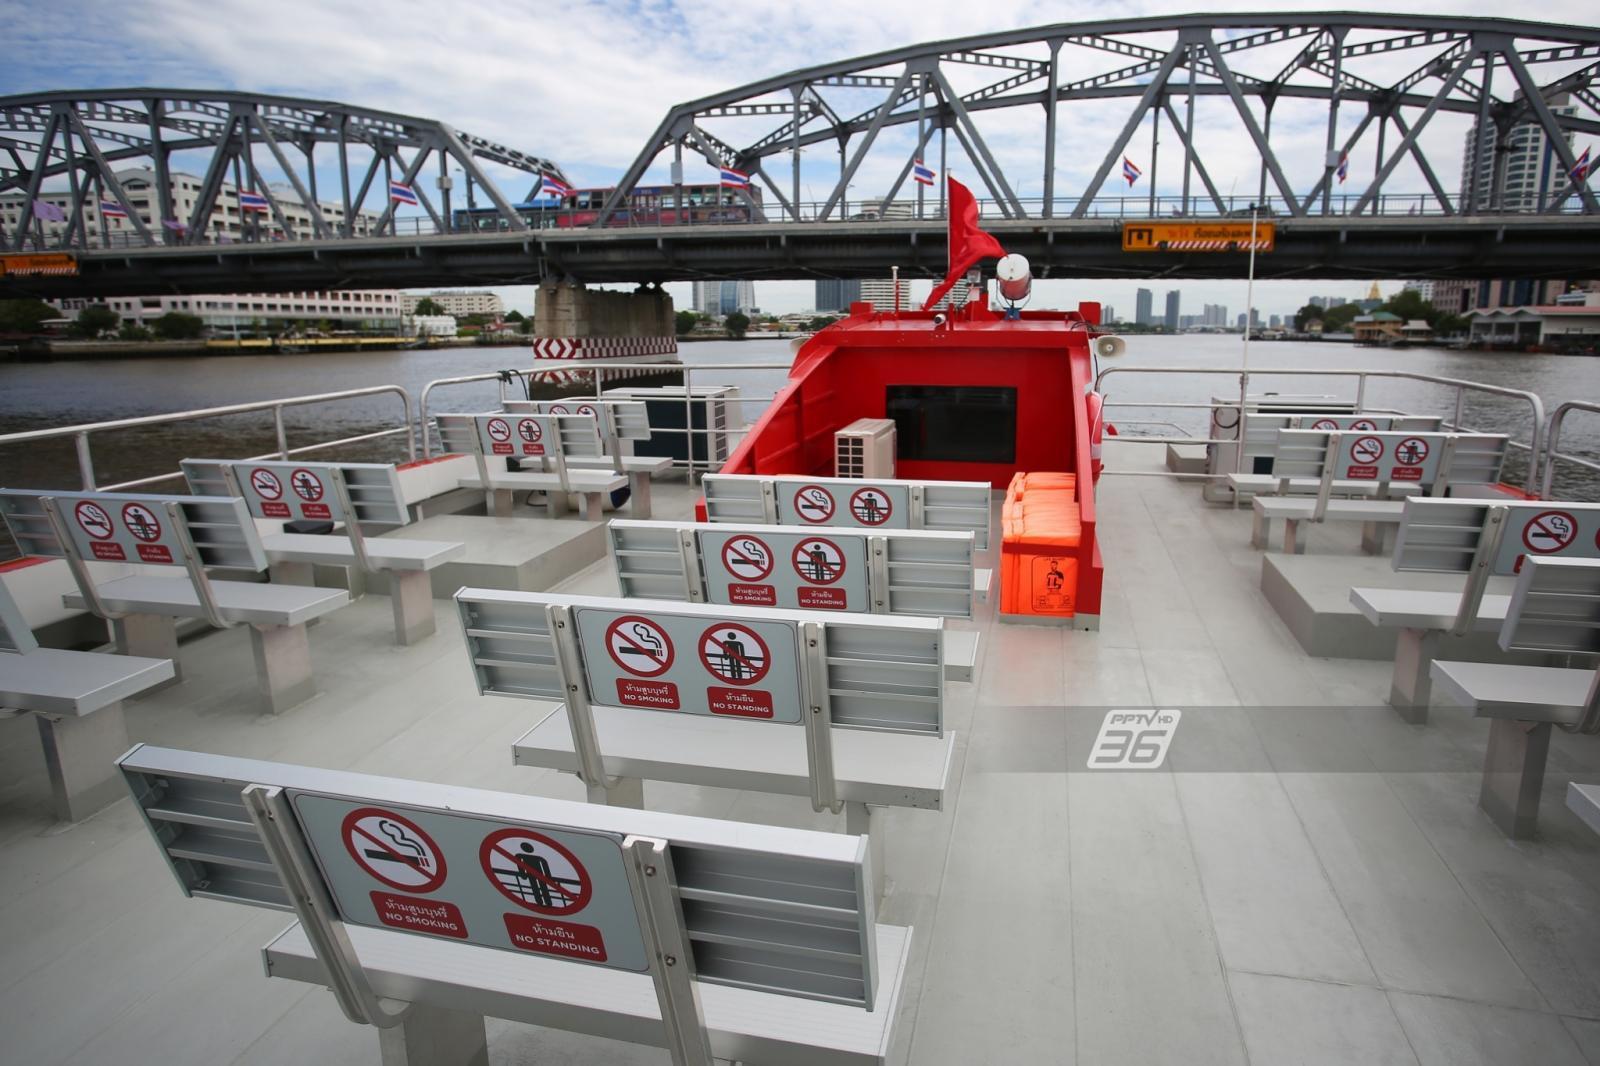 """เรือด่วนเจ้าพระยา """"ธงแดง"""" ติดแอร์ ให้บริการวันแรก!"""